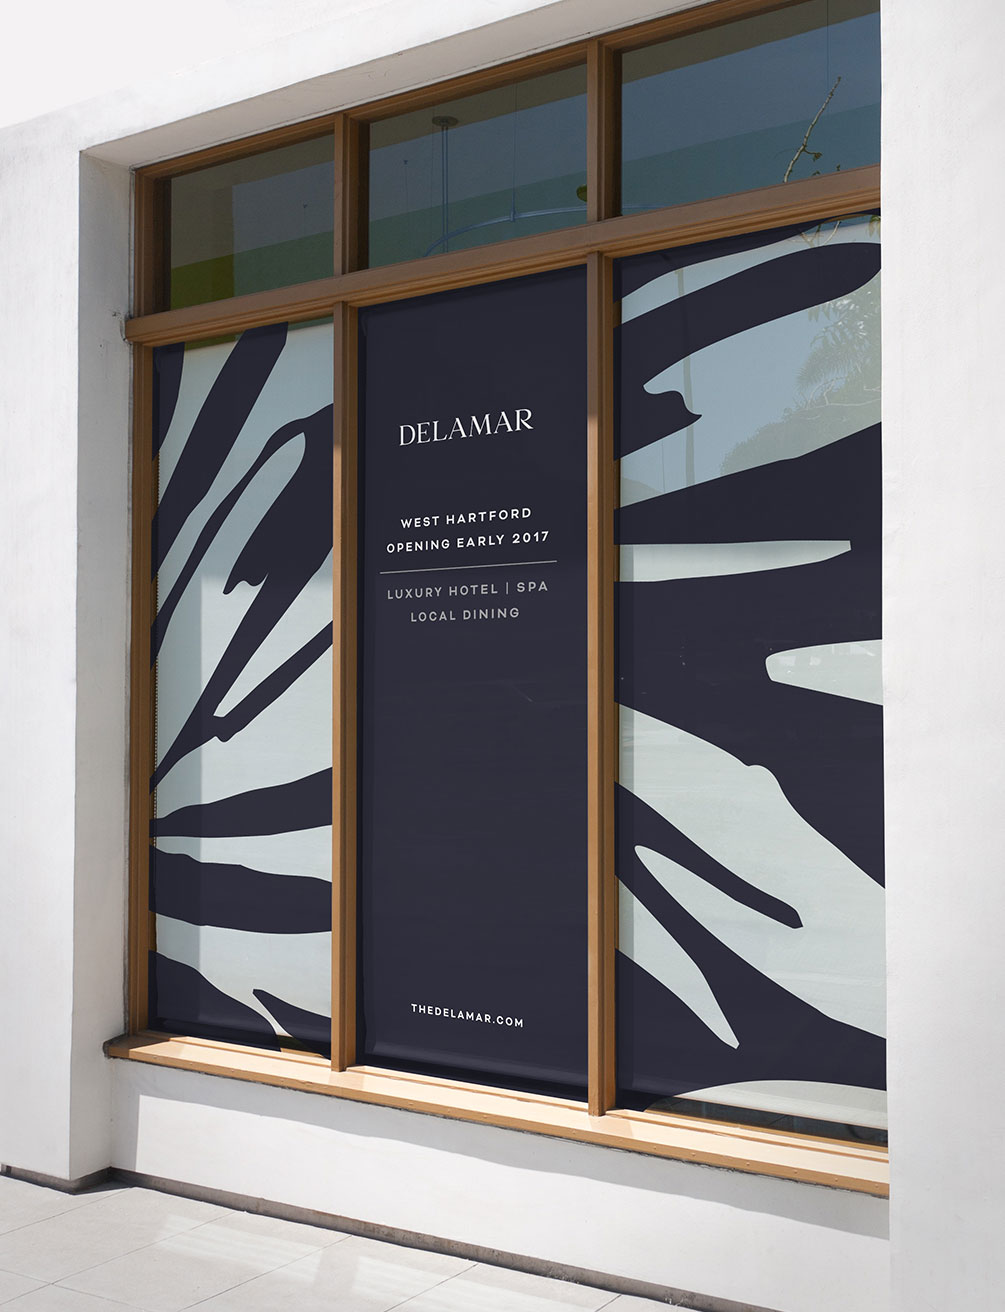 03-Delamar-Signage02